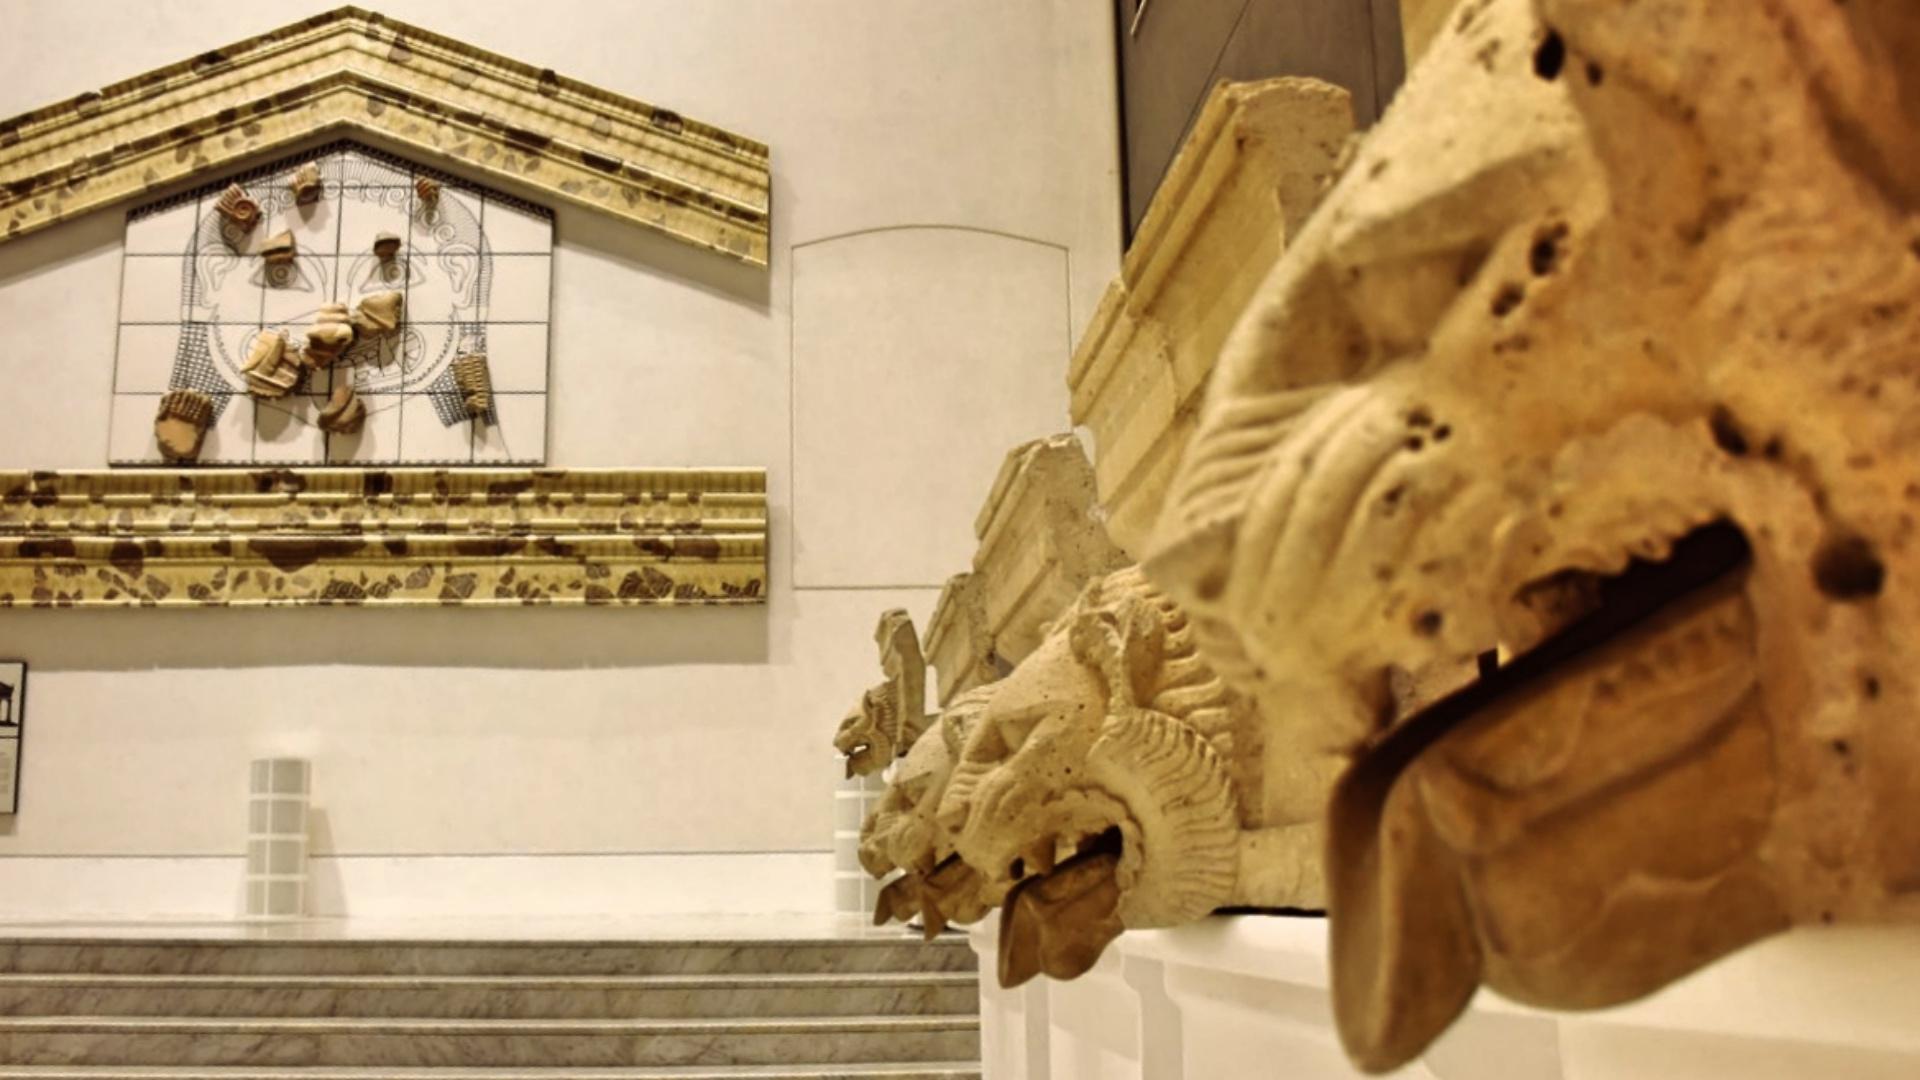 LO STATO DELL'ARTE. Le nuove nomine alla direzione dei Musei siciliani